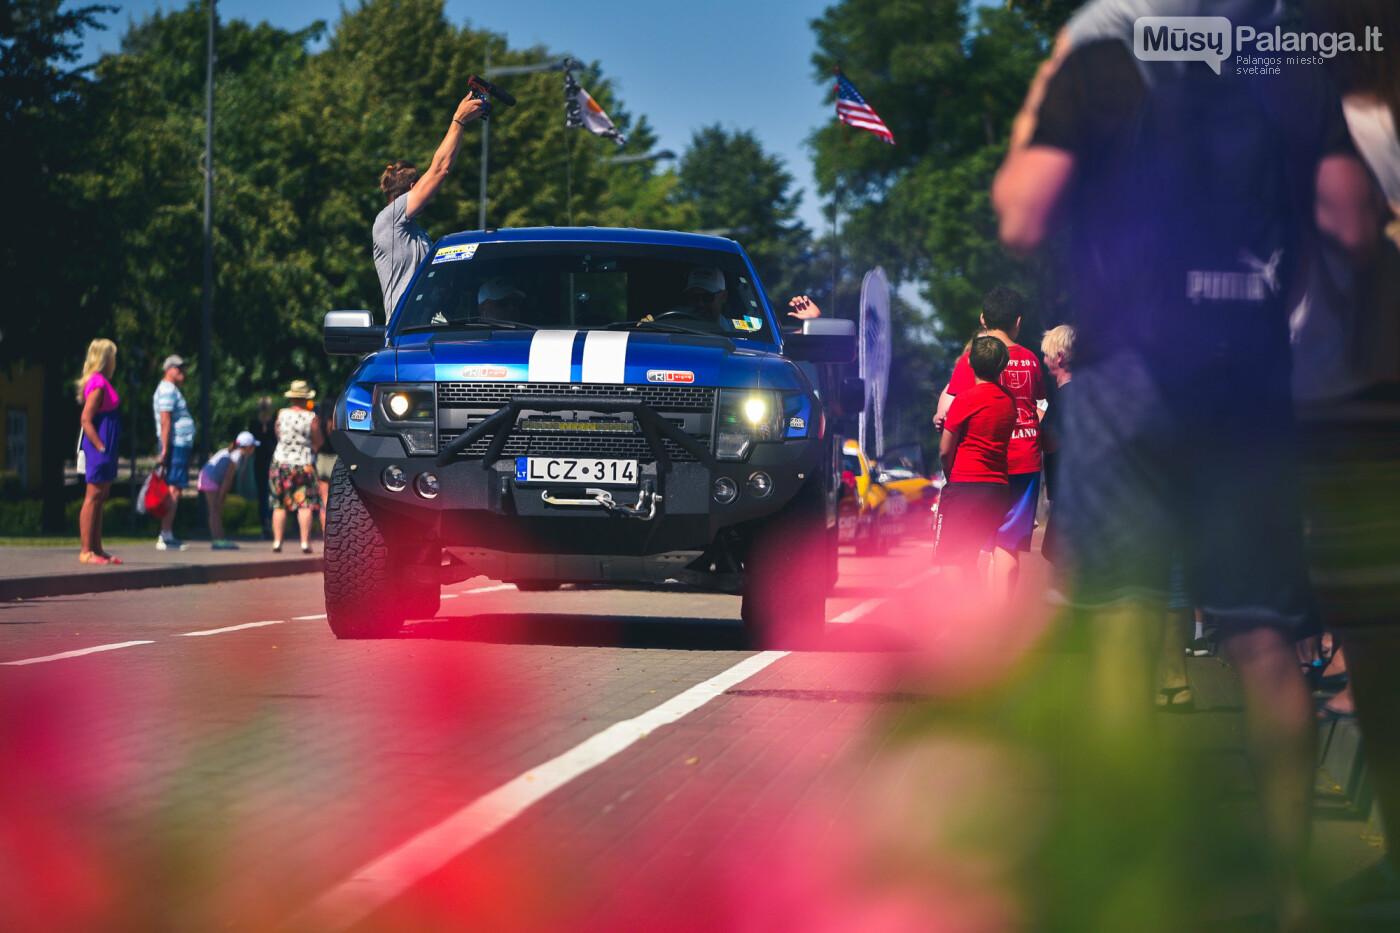 """Palanga alsuoja """"Aurum 1006 km lenktynių"""" ritmu, nuotrauka-43, Vytauto PILKAUSKO ir Arno STRUMILOS nuotr."""